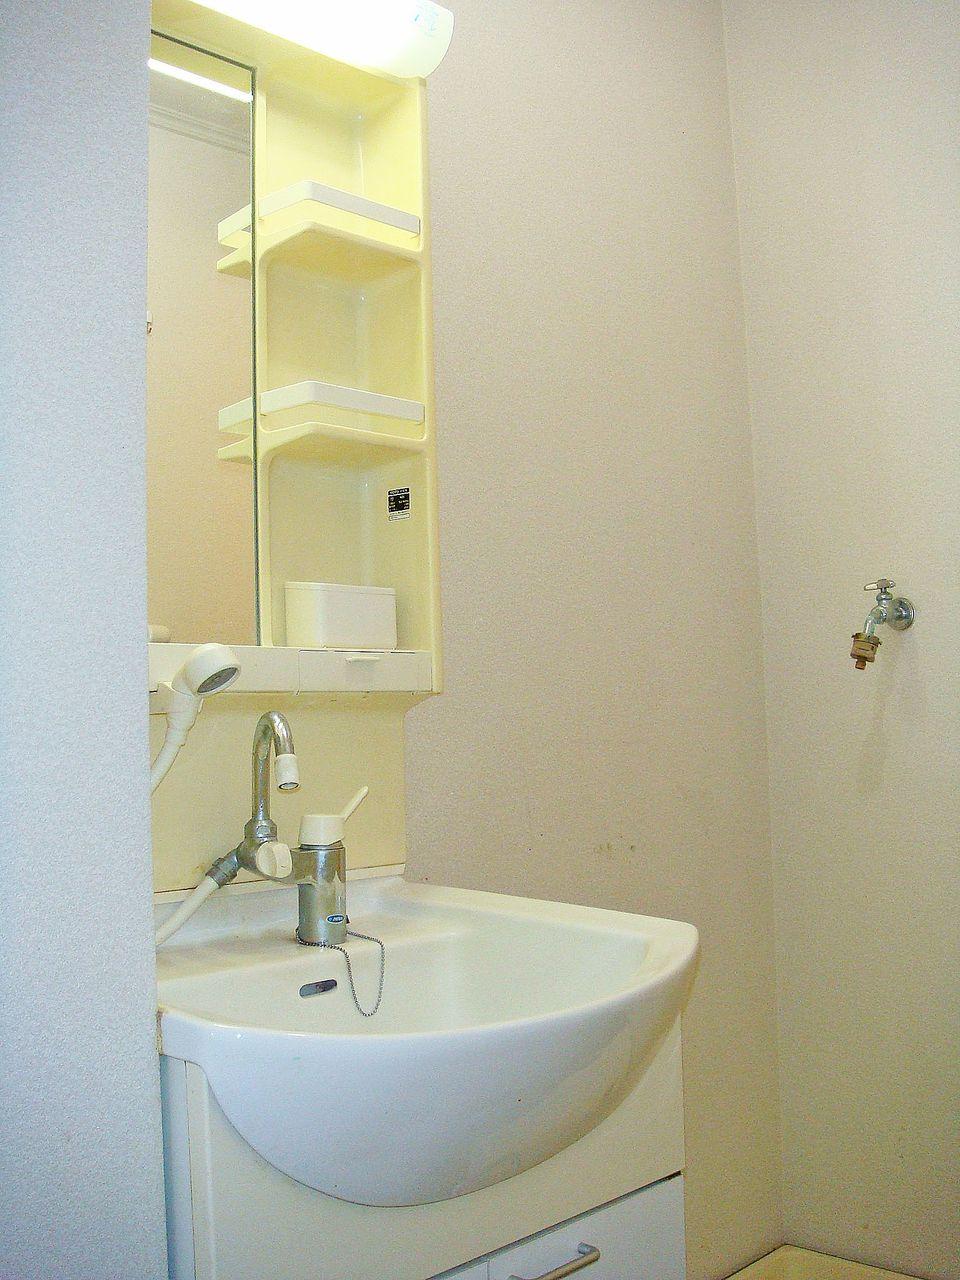 シャワー付きのシャワー洗面台です。寝癖直しや、ボウルのお掃除がラクにできちゃいます(*^^*)